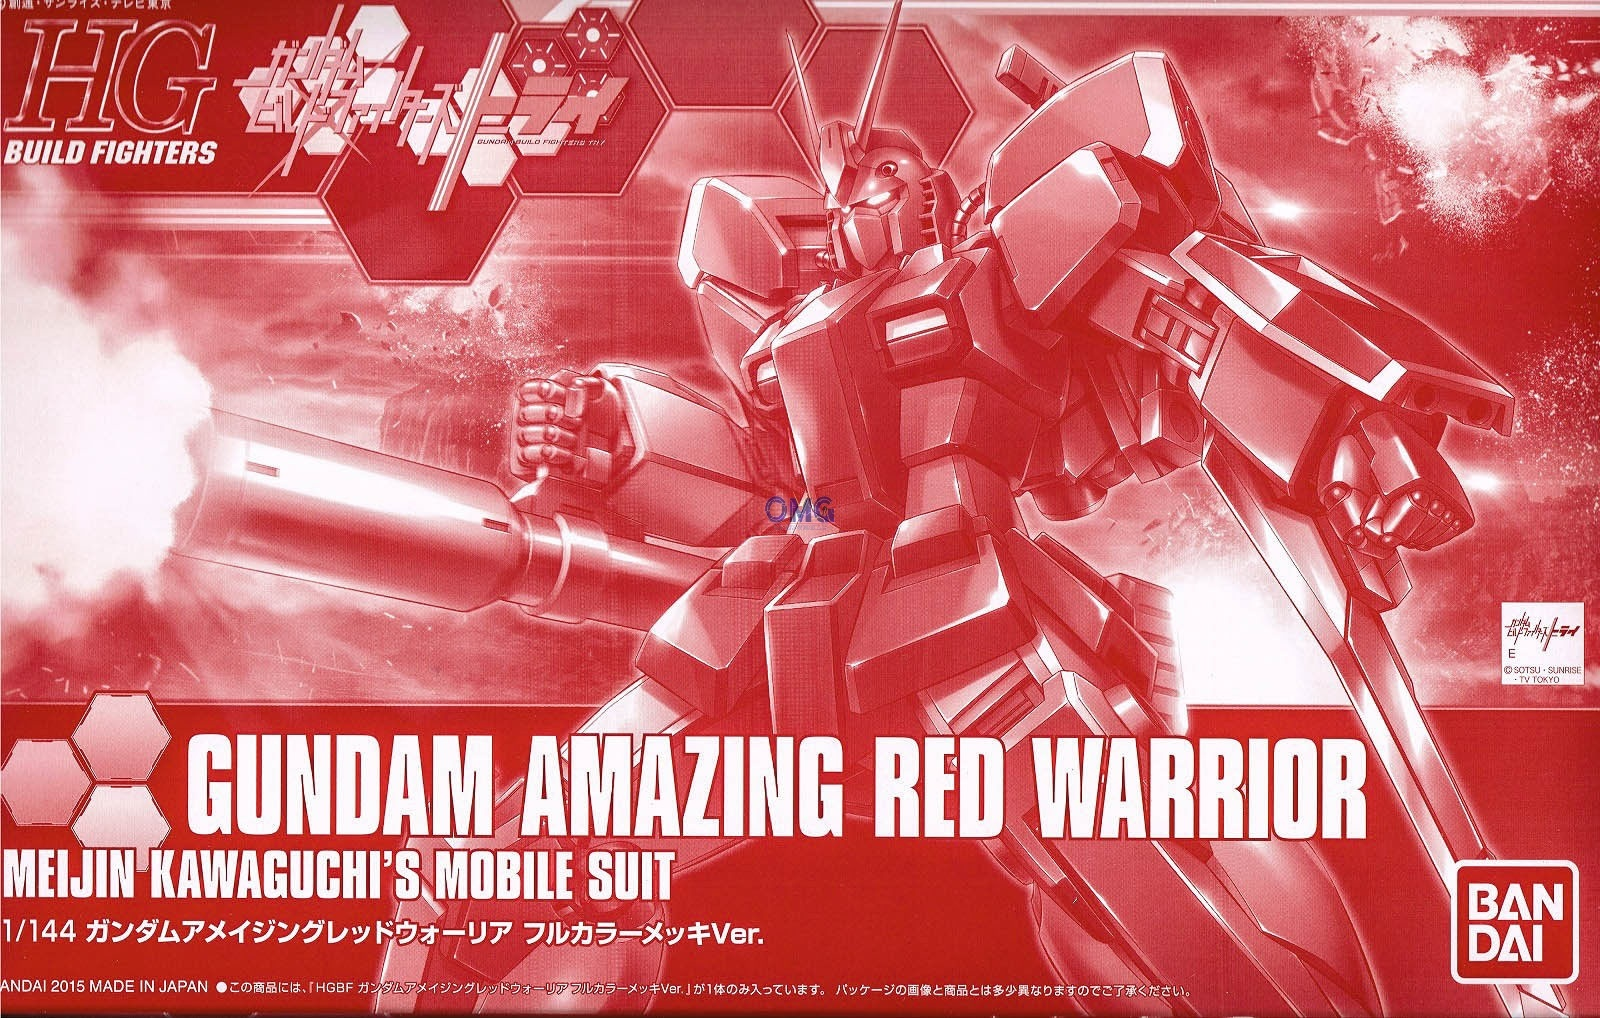 HGBF Gundam Amazing Red Warrior 1.0.jpg